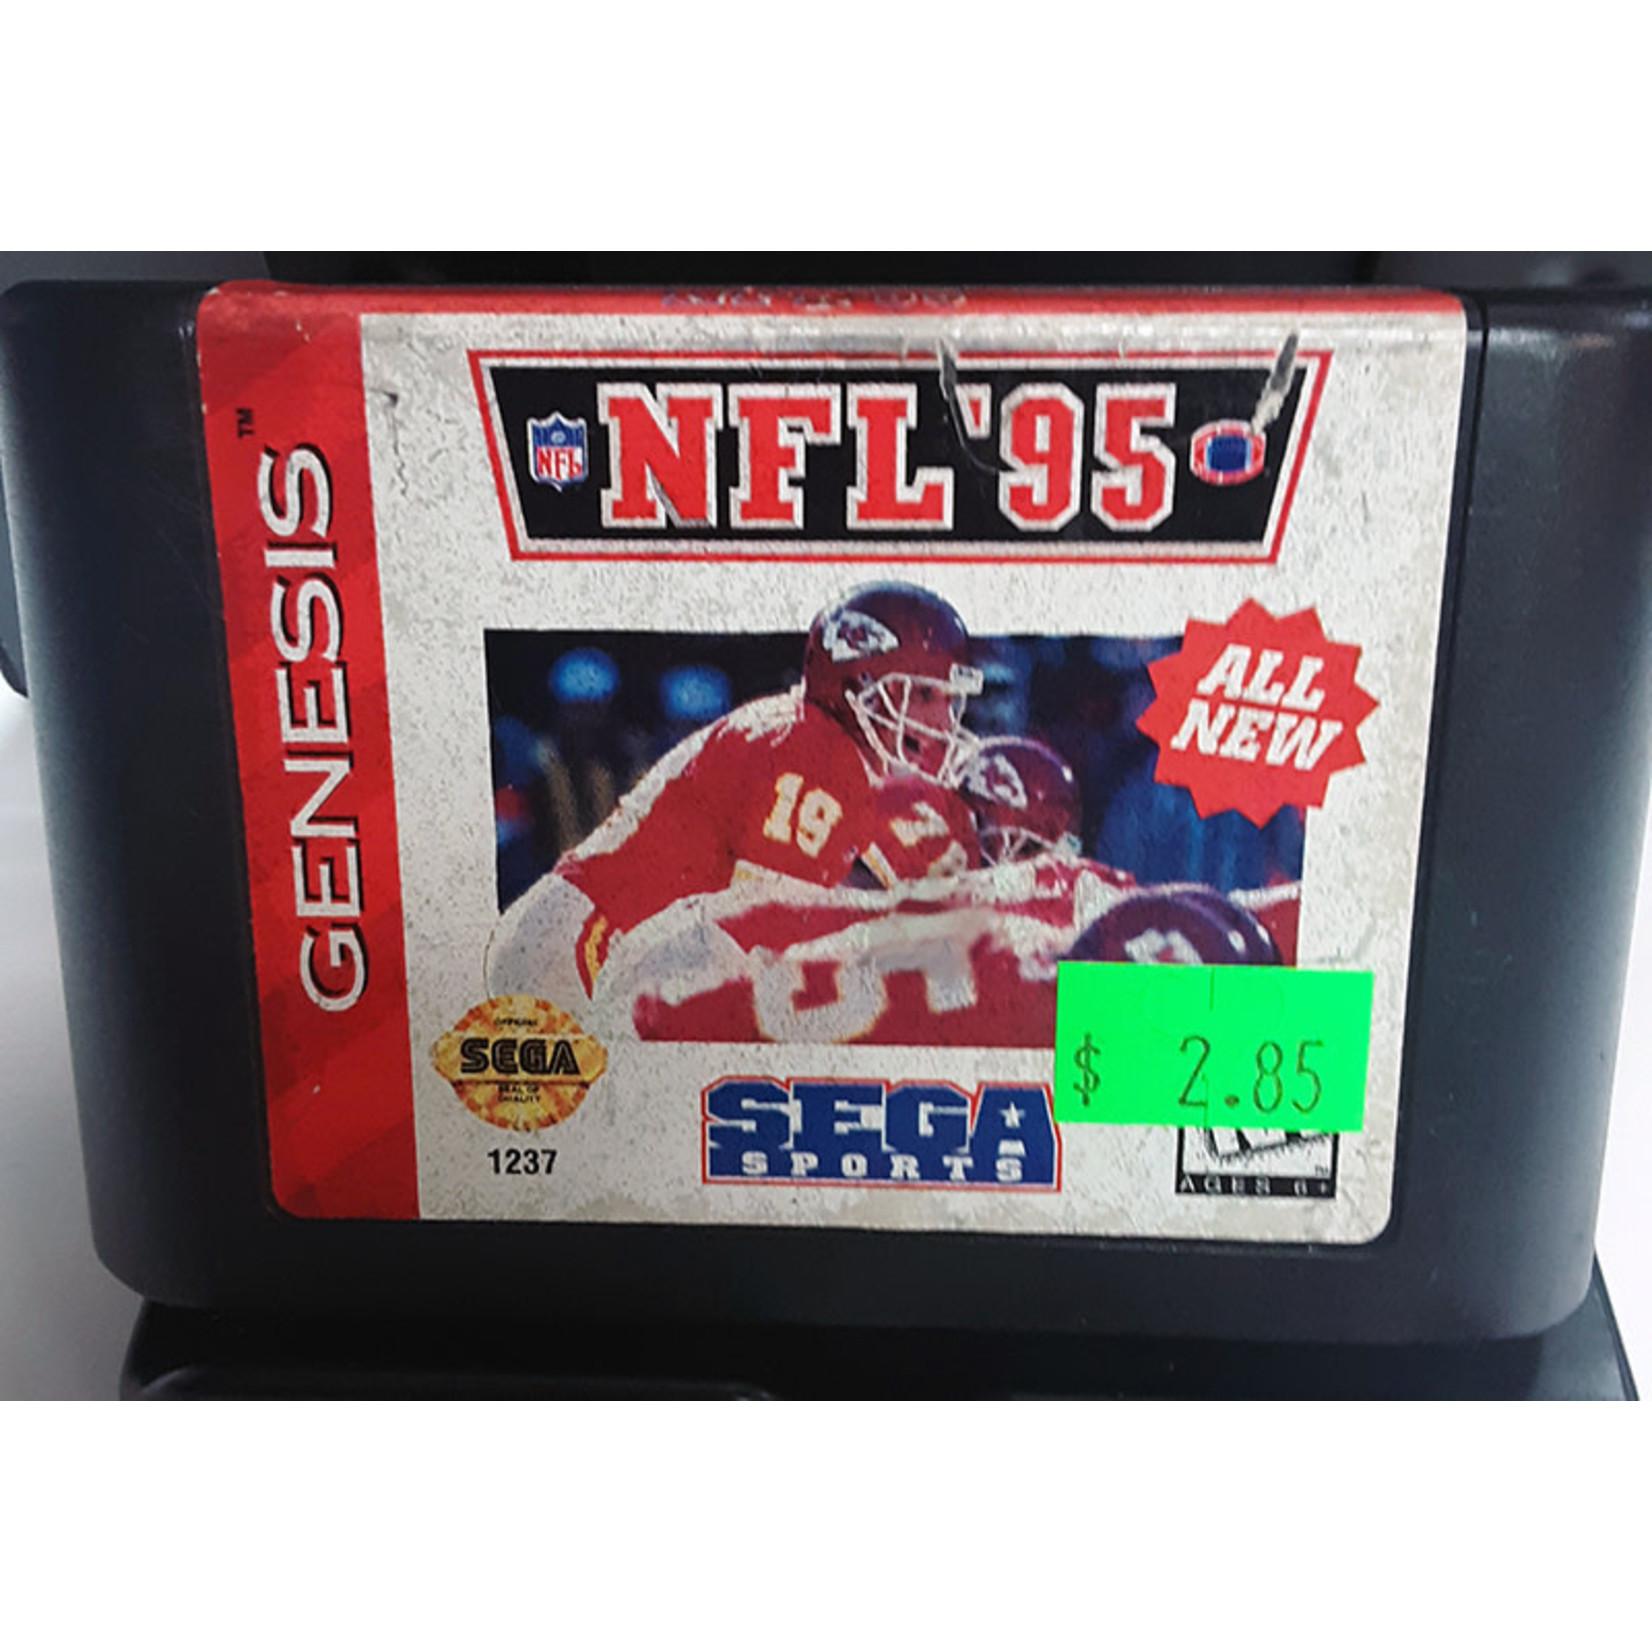 sgu-NFL 95 (cartridge)